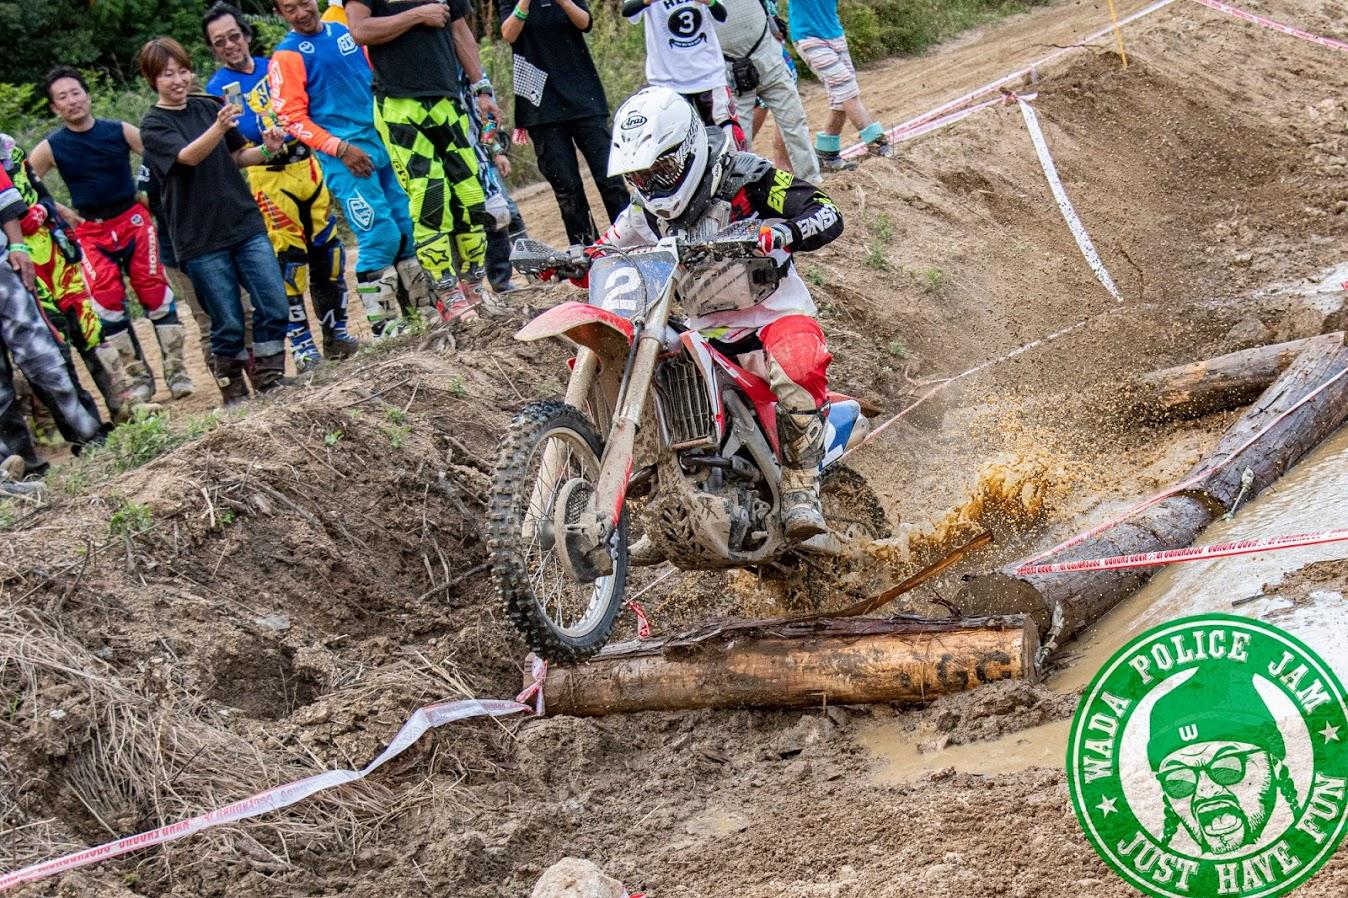 ワダポリジャム 香川 香川スポーツランド 四国 モトクロス motocross mx エンデューロ FMX イベント CGCタイムアタックチャレンジ